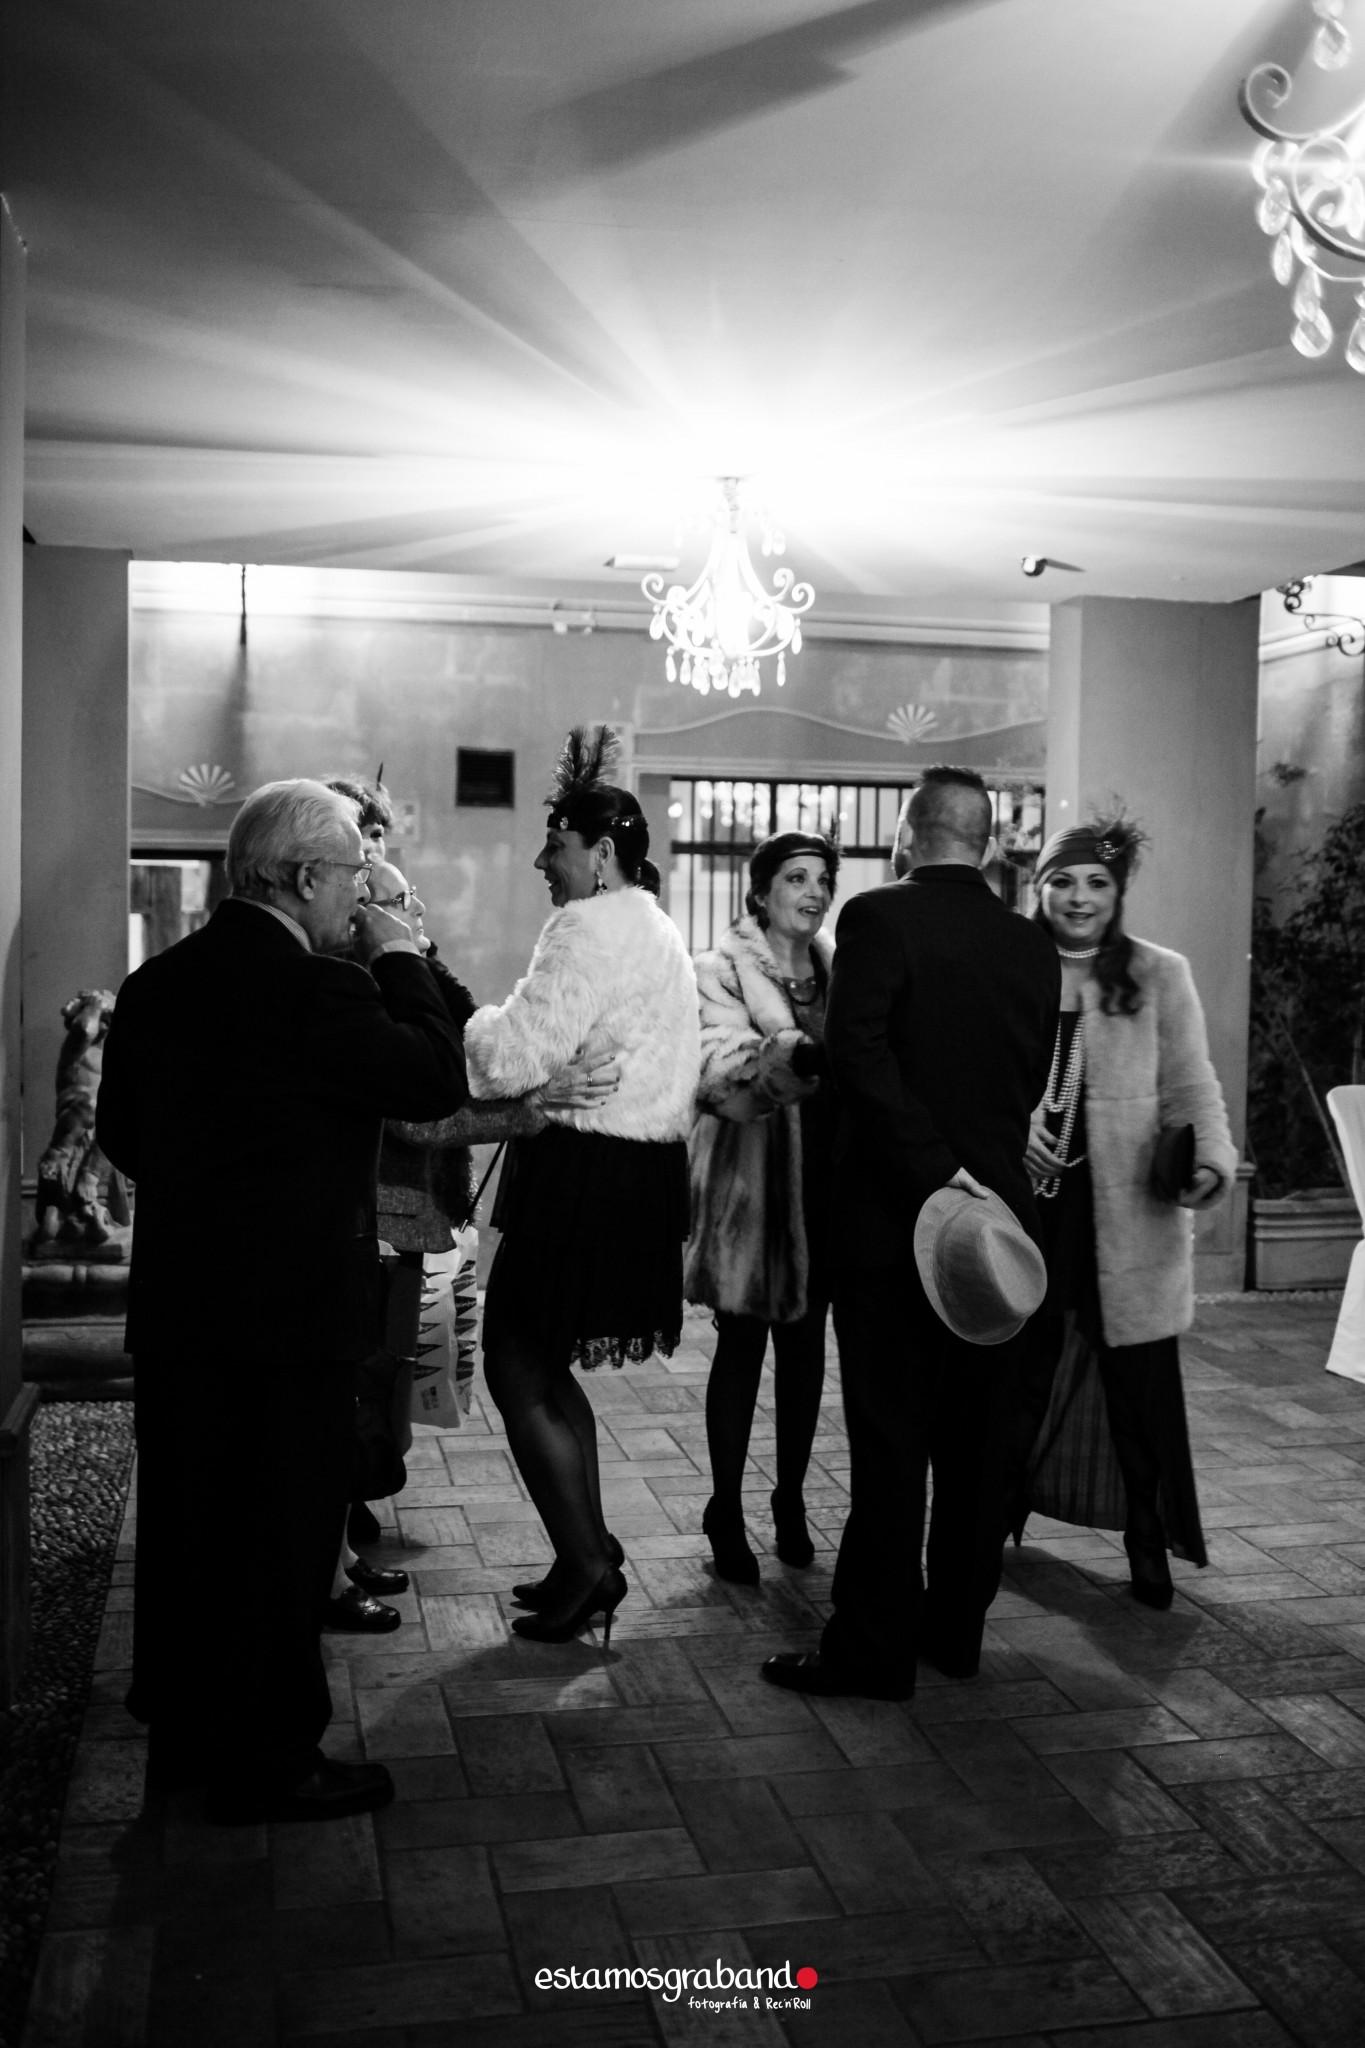 Años-20-BBTP-25-de-109 Los locos Años 20 [Fotografía en La Teta de Julieta, Cádiz] - video boda cadiz